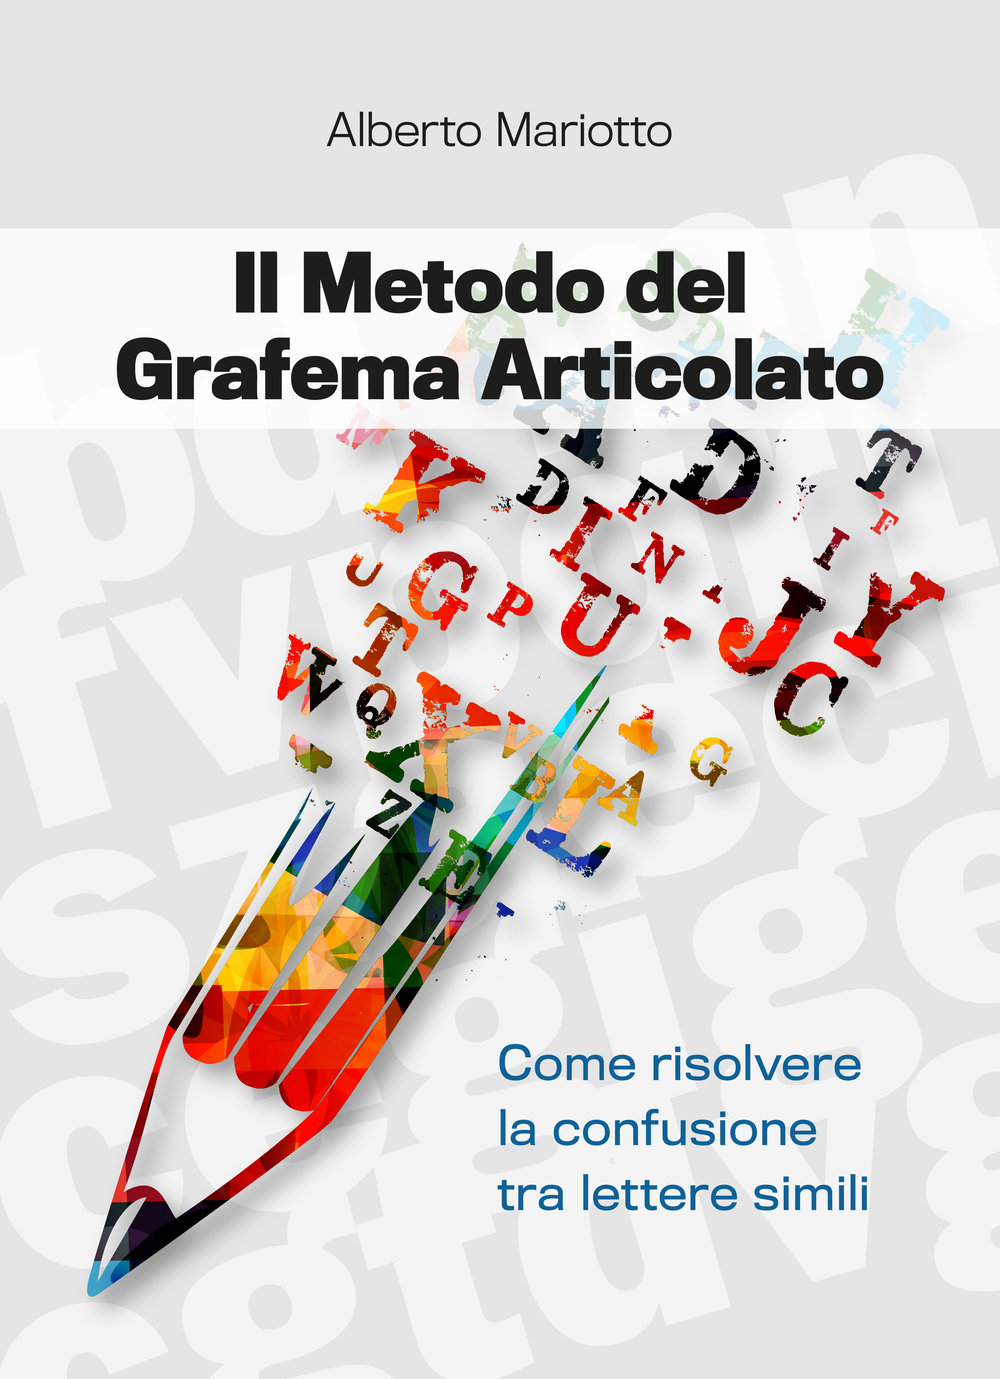 mariotto_metodo_cover_fronte.jpg